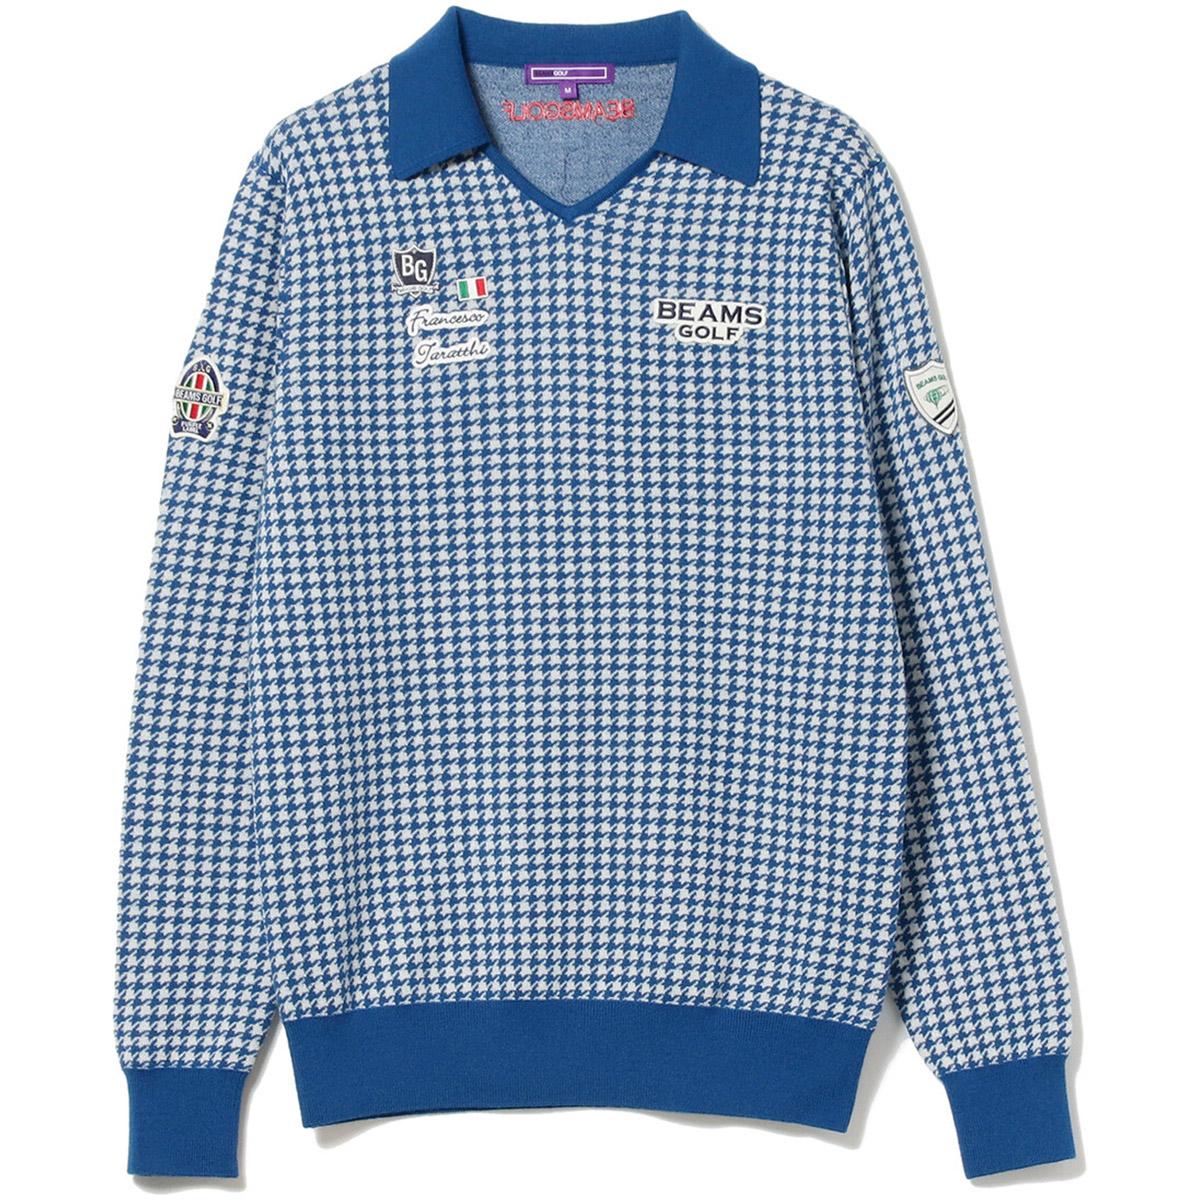 BEAMS GOLF PURPLE LABEL ハウンドトゥース スキッパー セーター